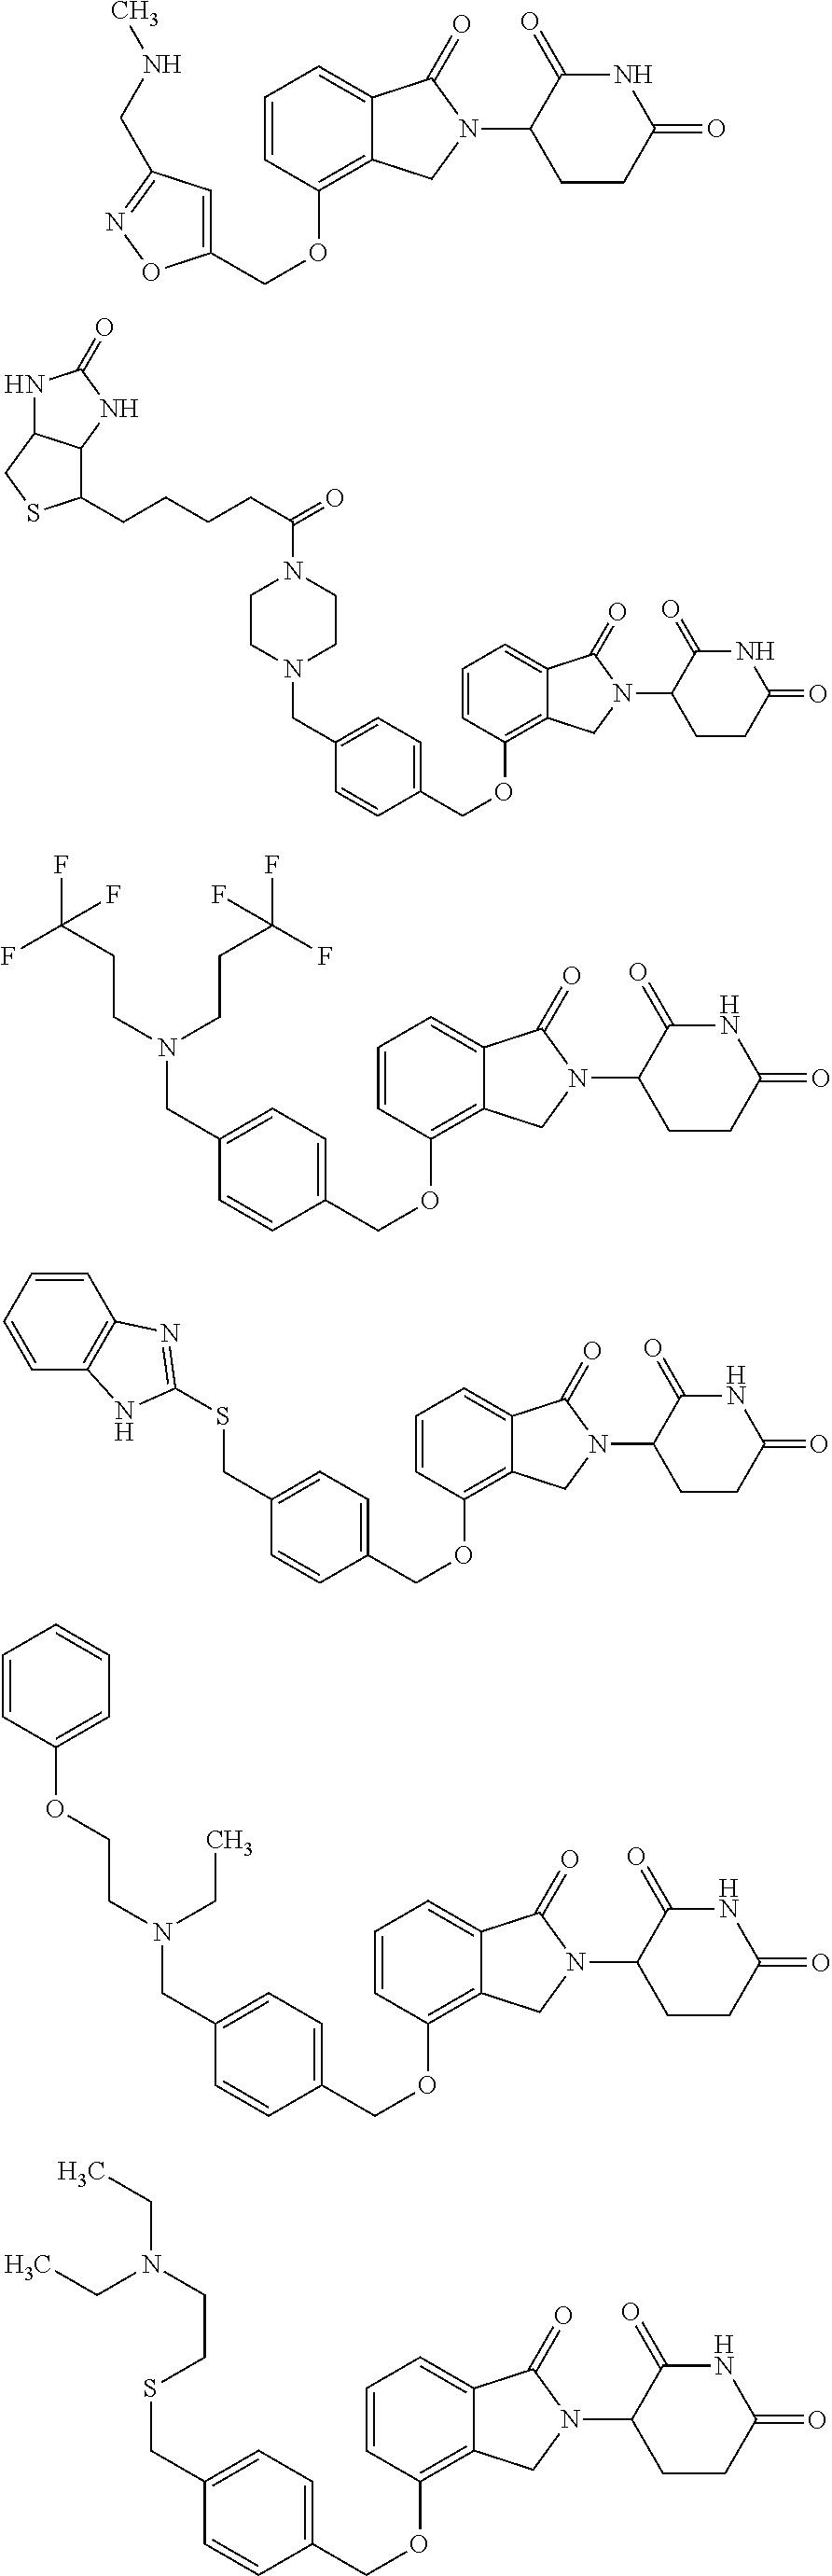 Figure US09822094-20171121-C00054